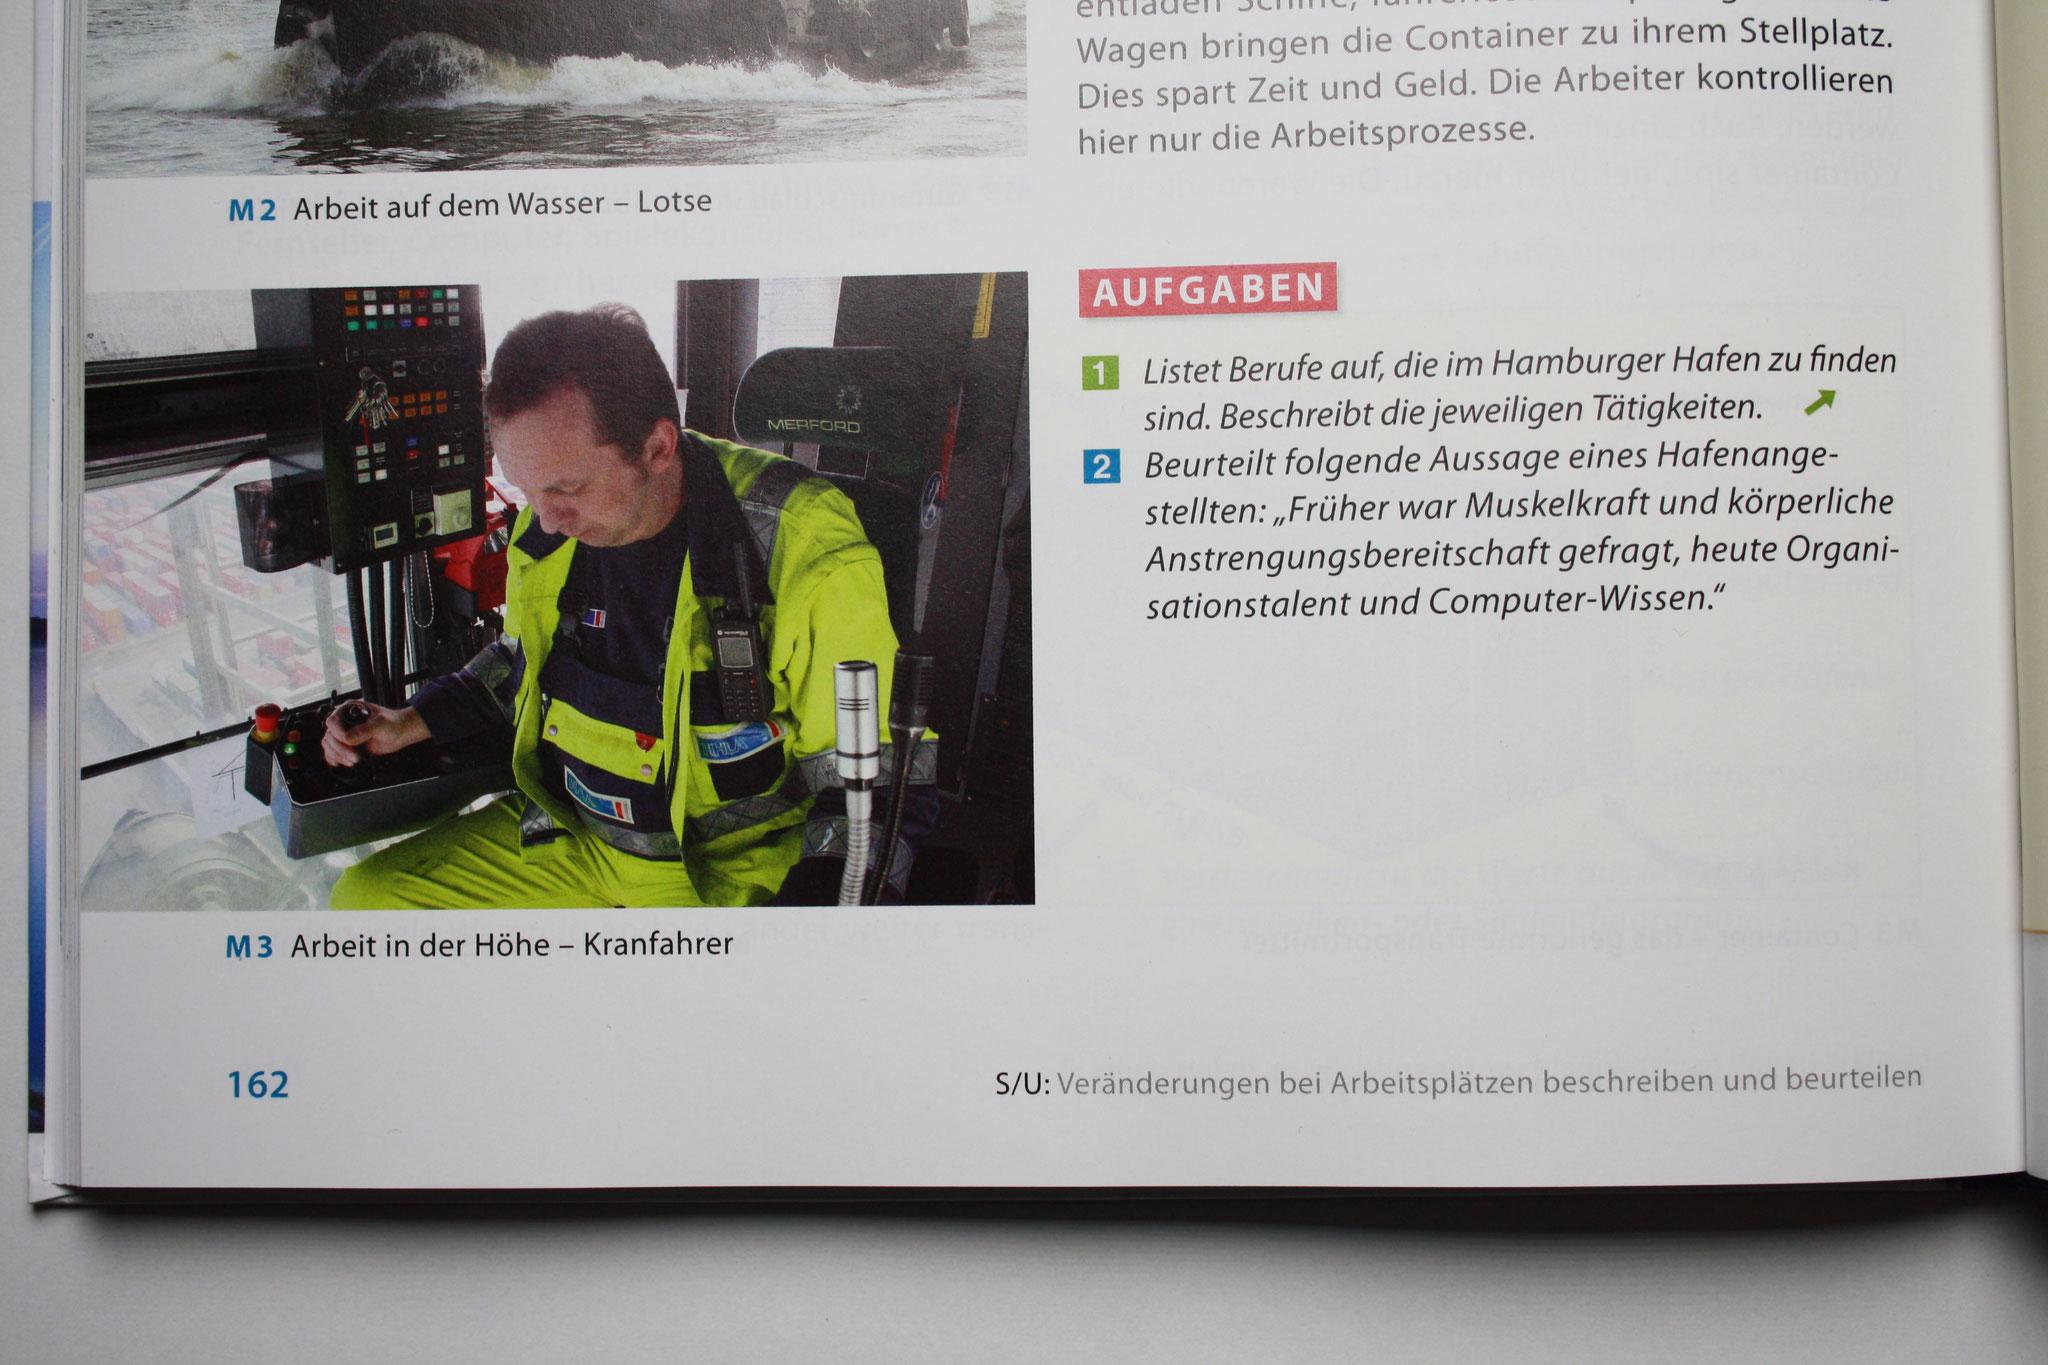 Containerbrückenfahrer im Schulbuch, Westermann Verlag